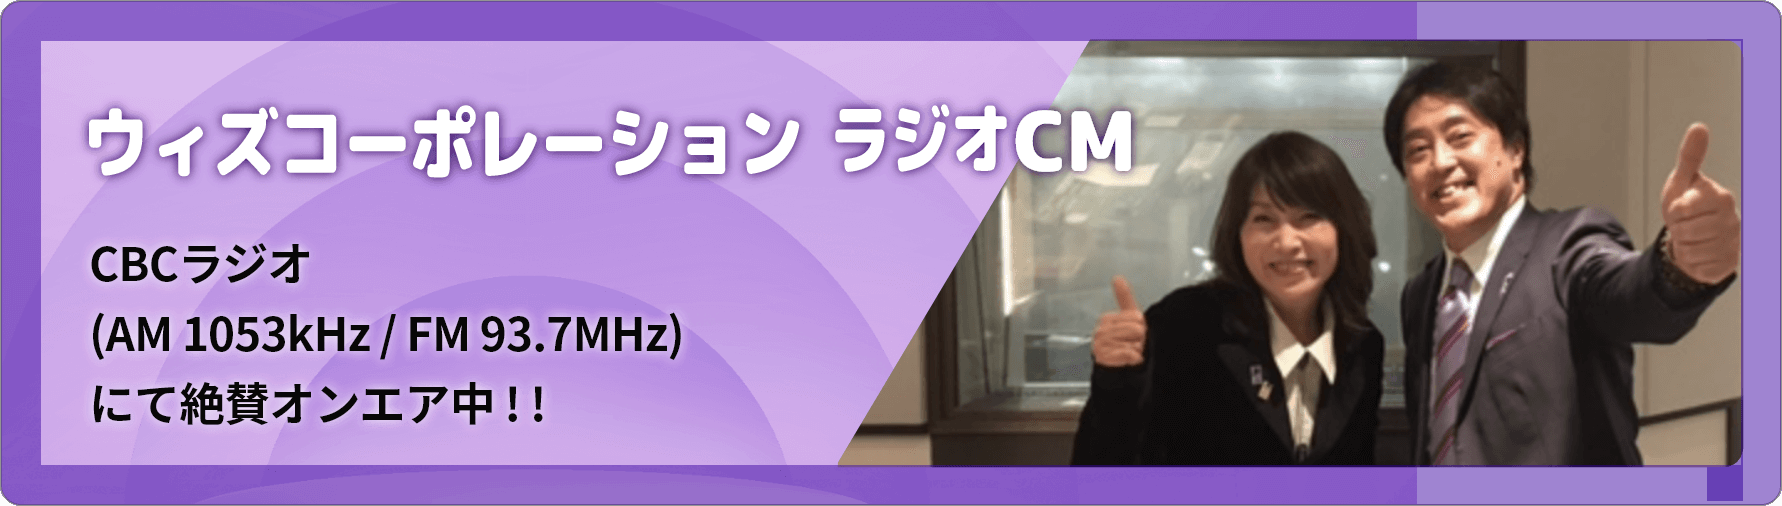 ウィズコーポレーションラジオCM